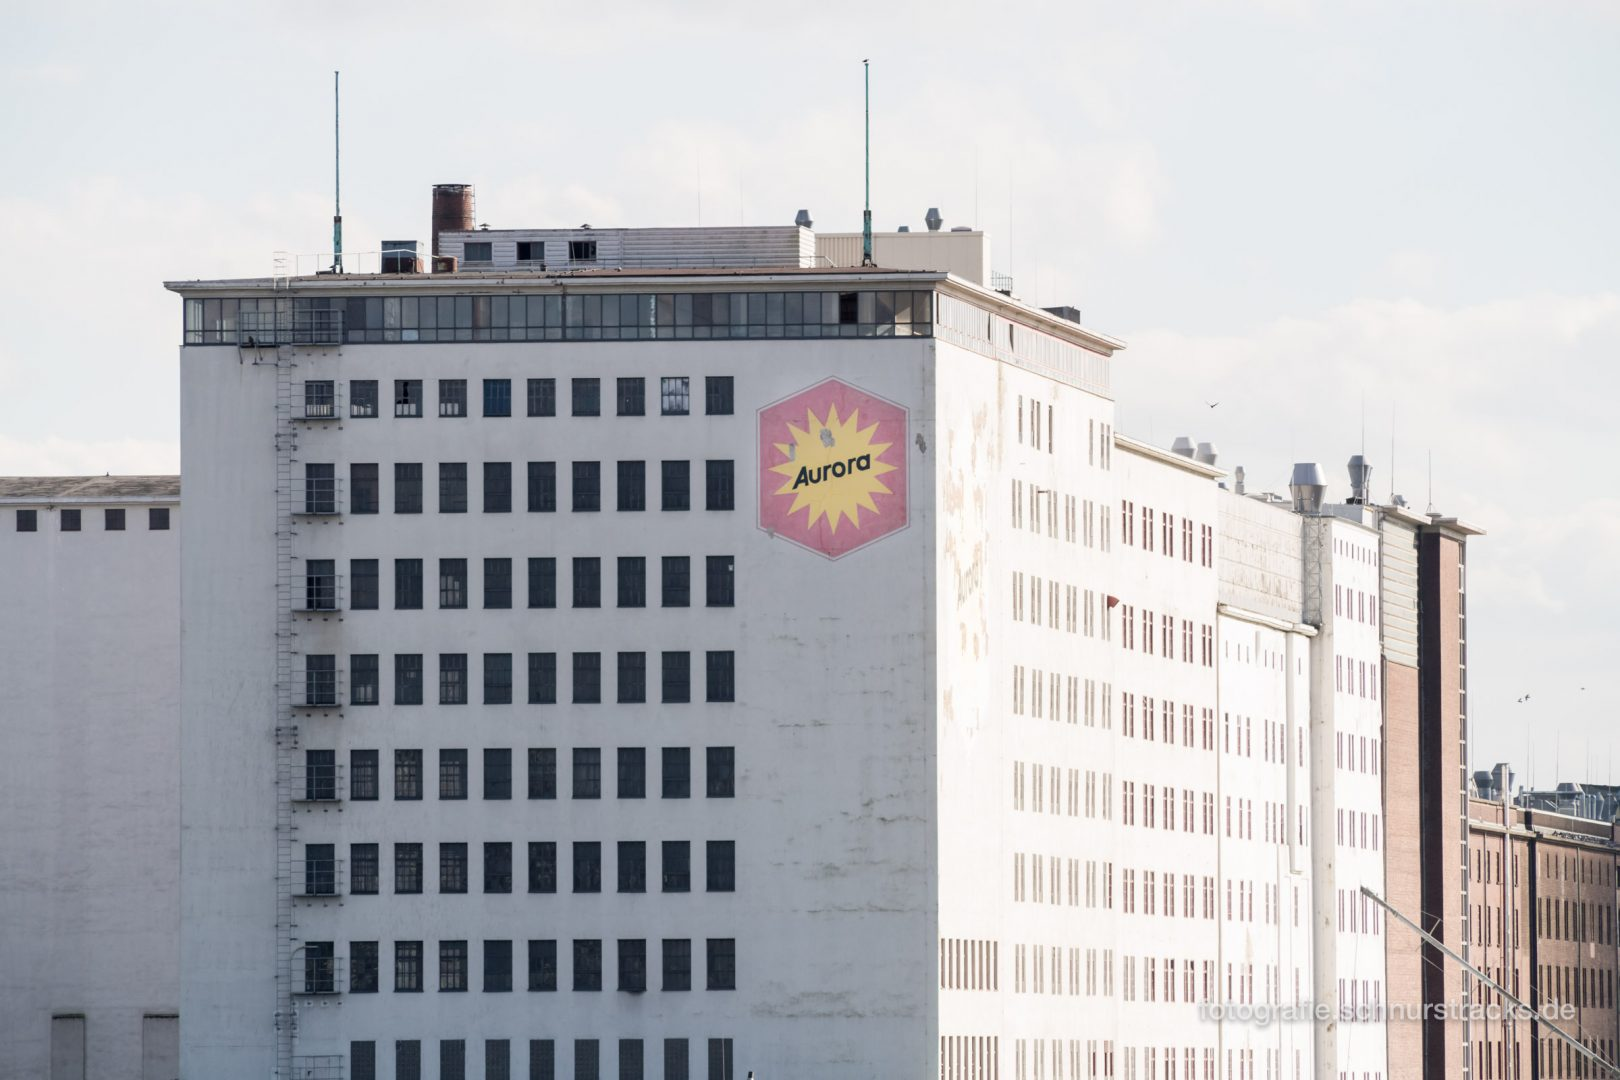 Ellmühle im Deutzer Hafen – Kampffmeyer Mühlen GmbH Werk #0874